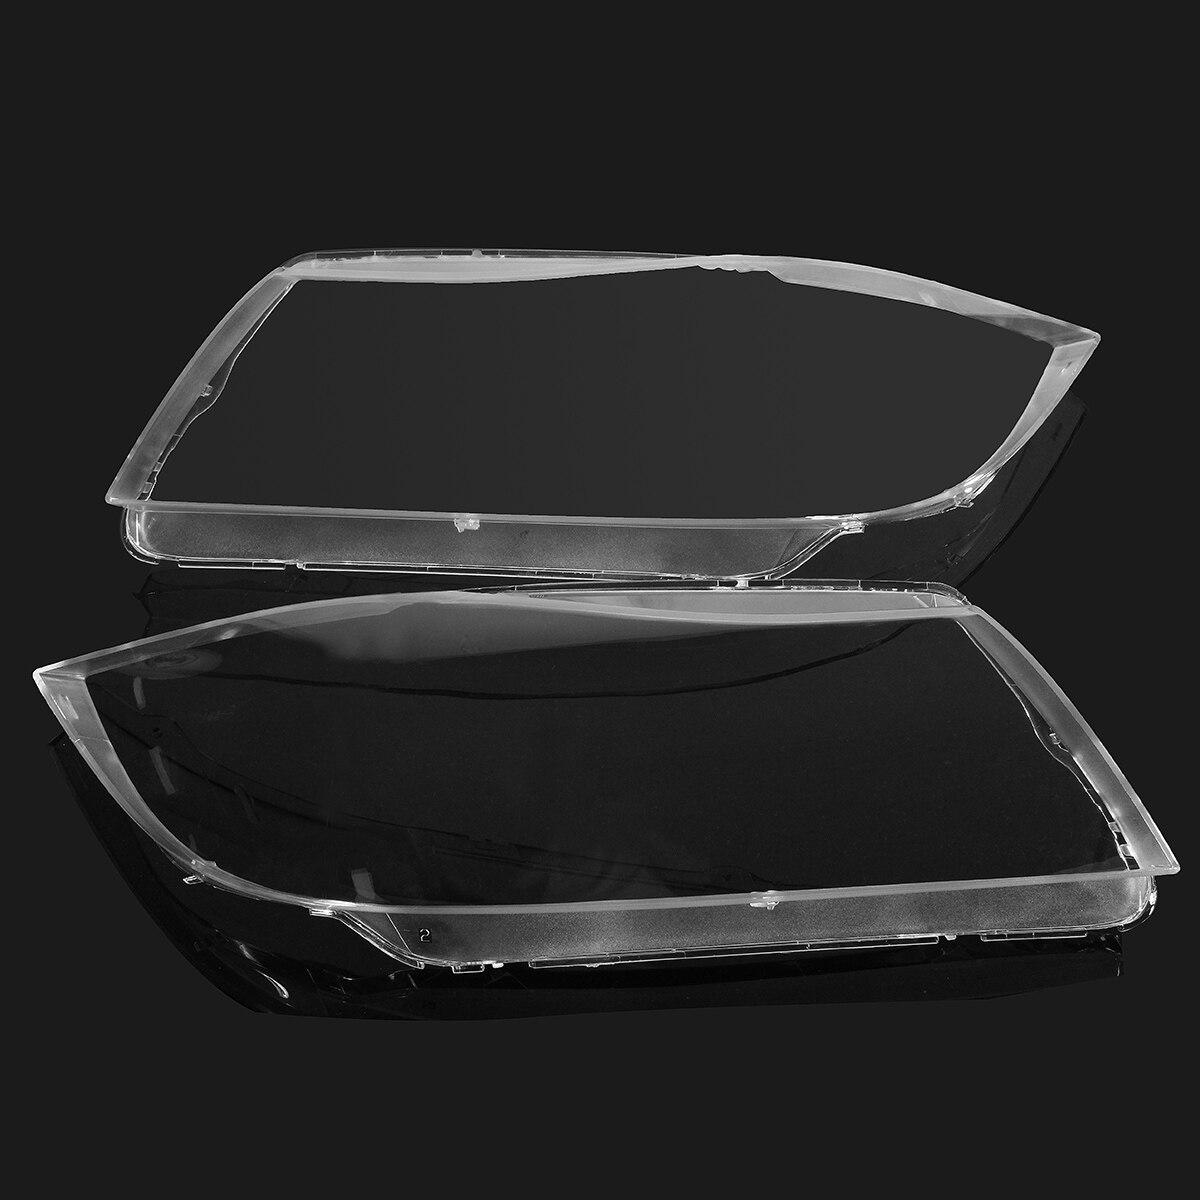 Nouvelle paire phare avant gauche + droit couvercle en plastique transparent pour BMW E90/E91 04-07 4769886123 voiture-style